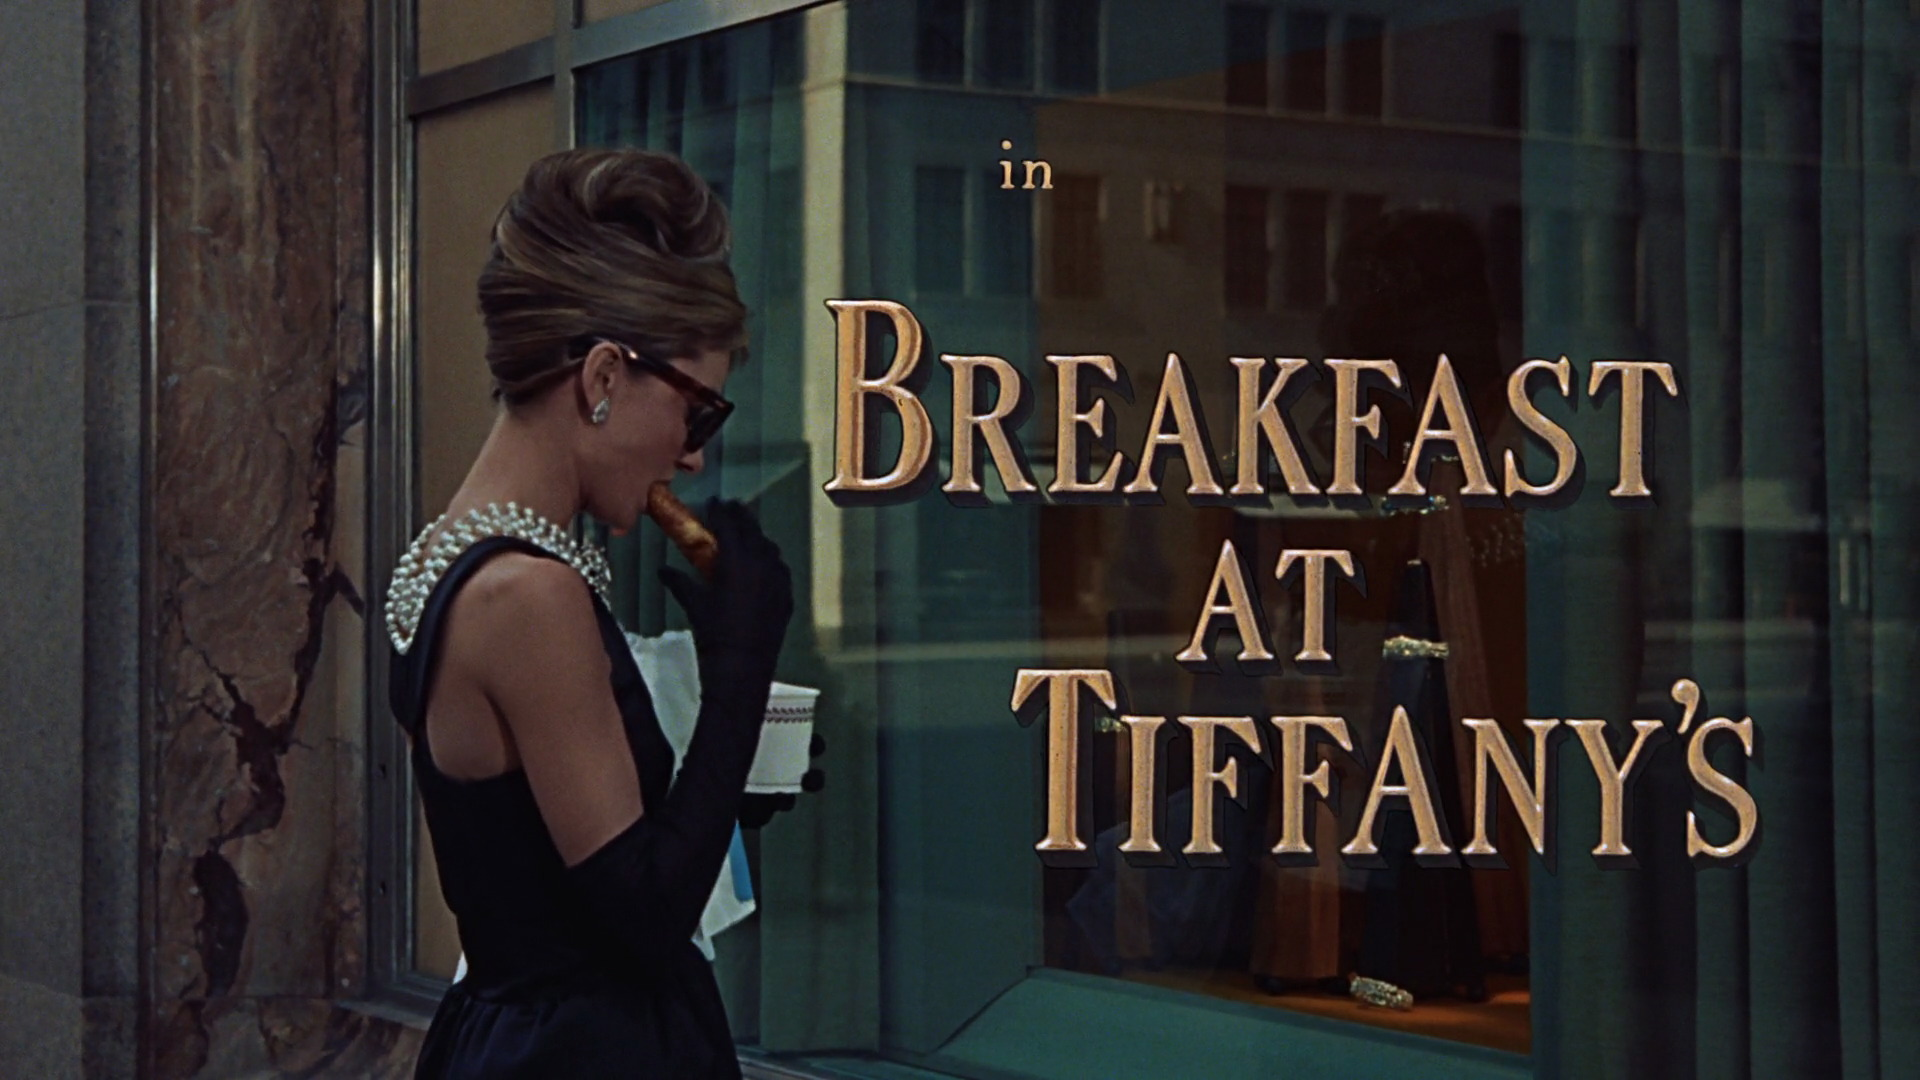 Breakfast at Tiffany's (1961) - Movie- Screencaps.com